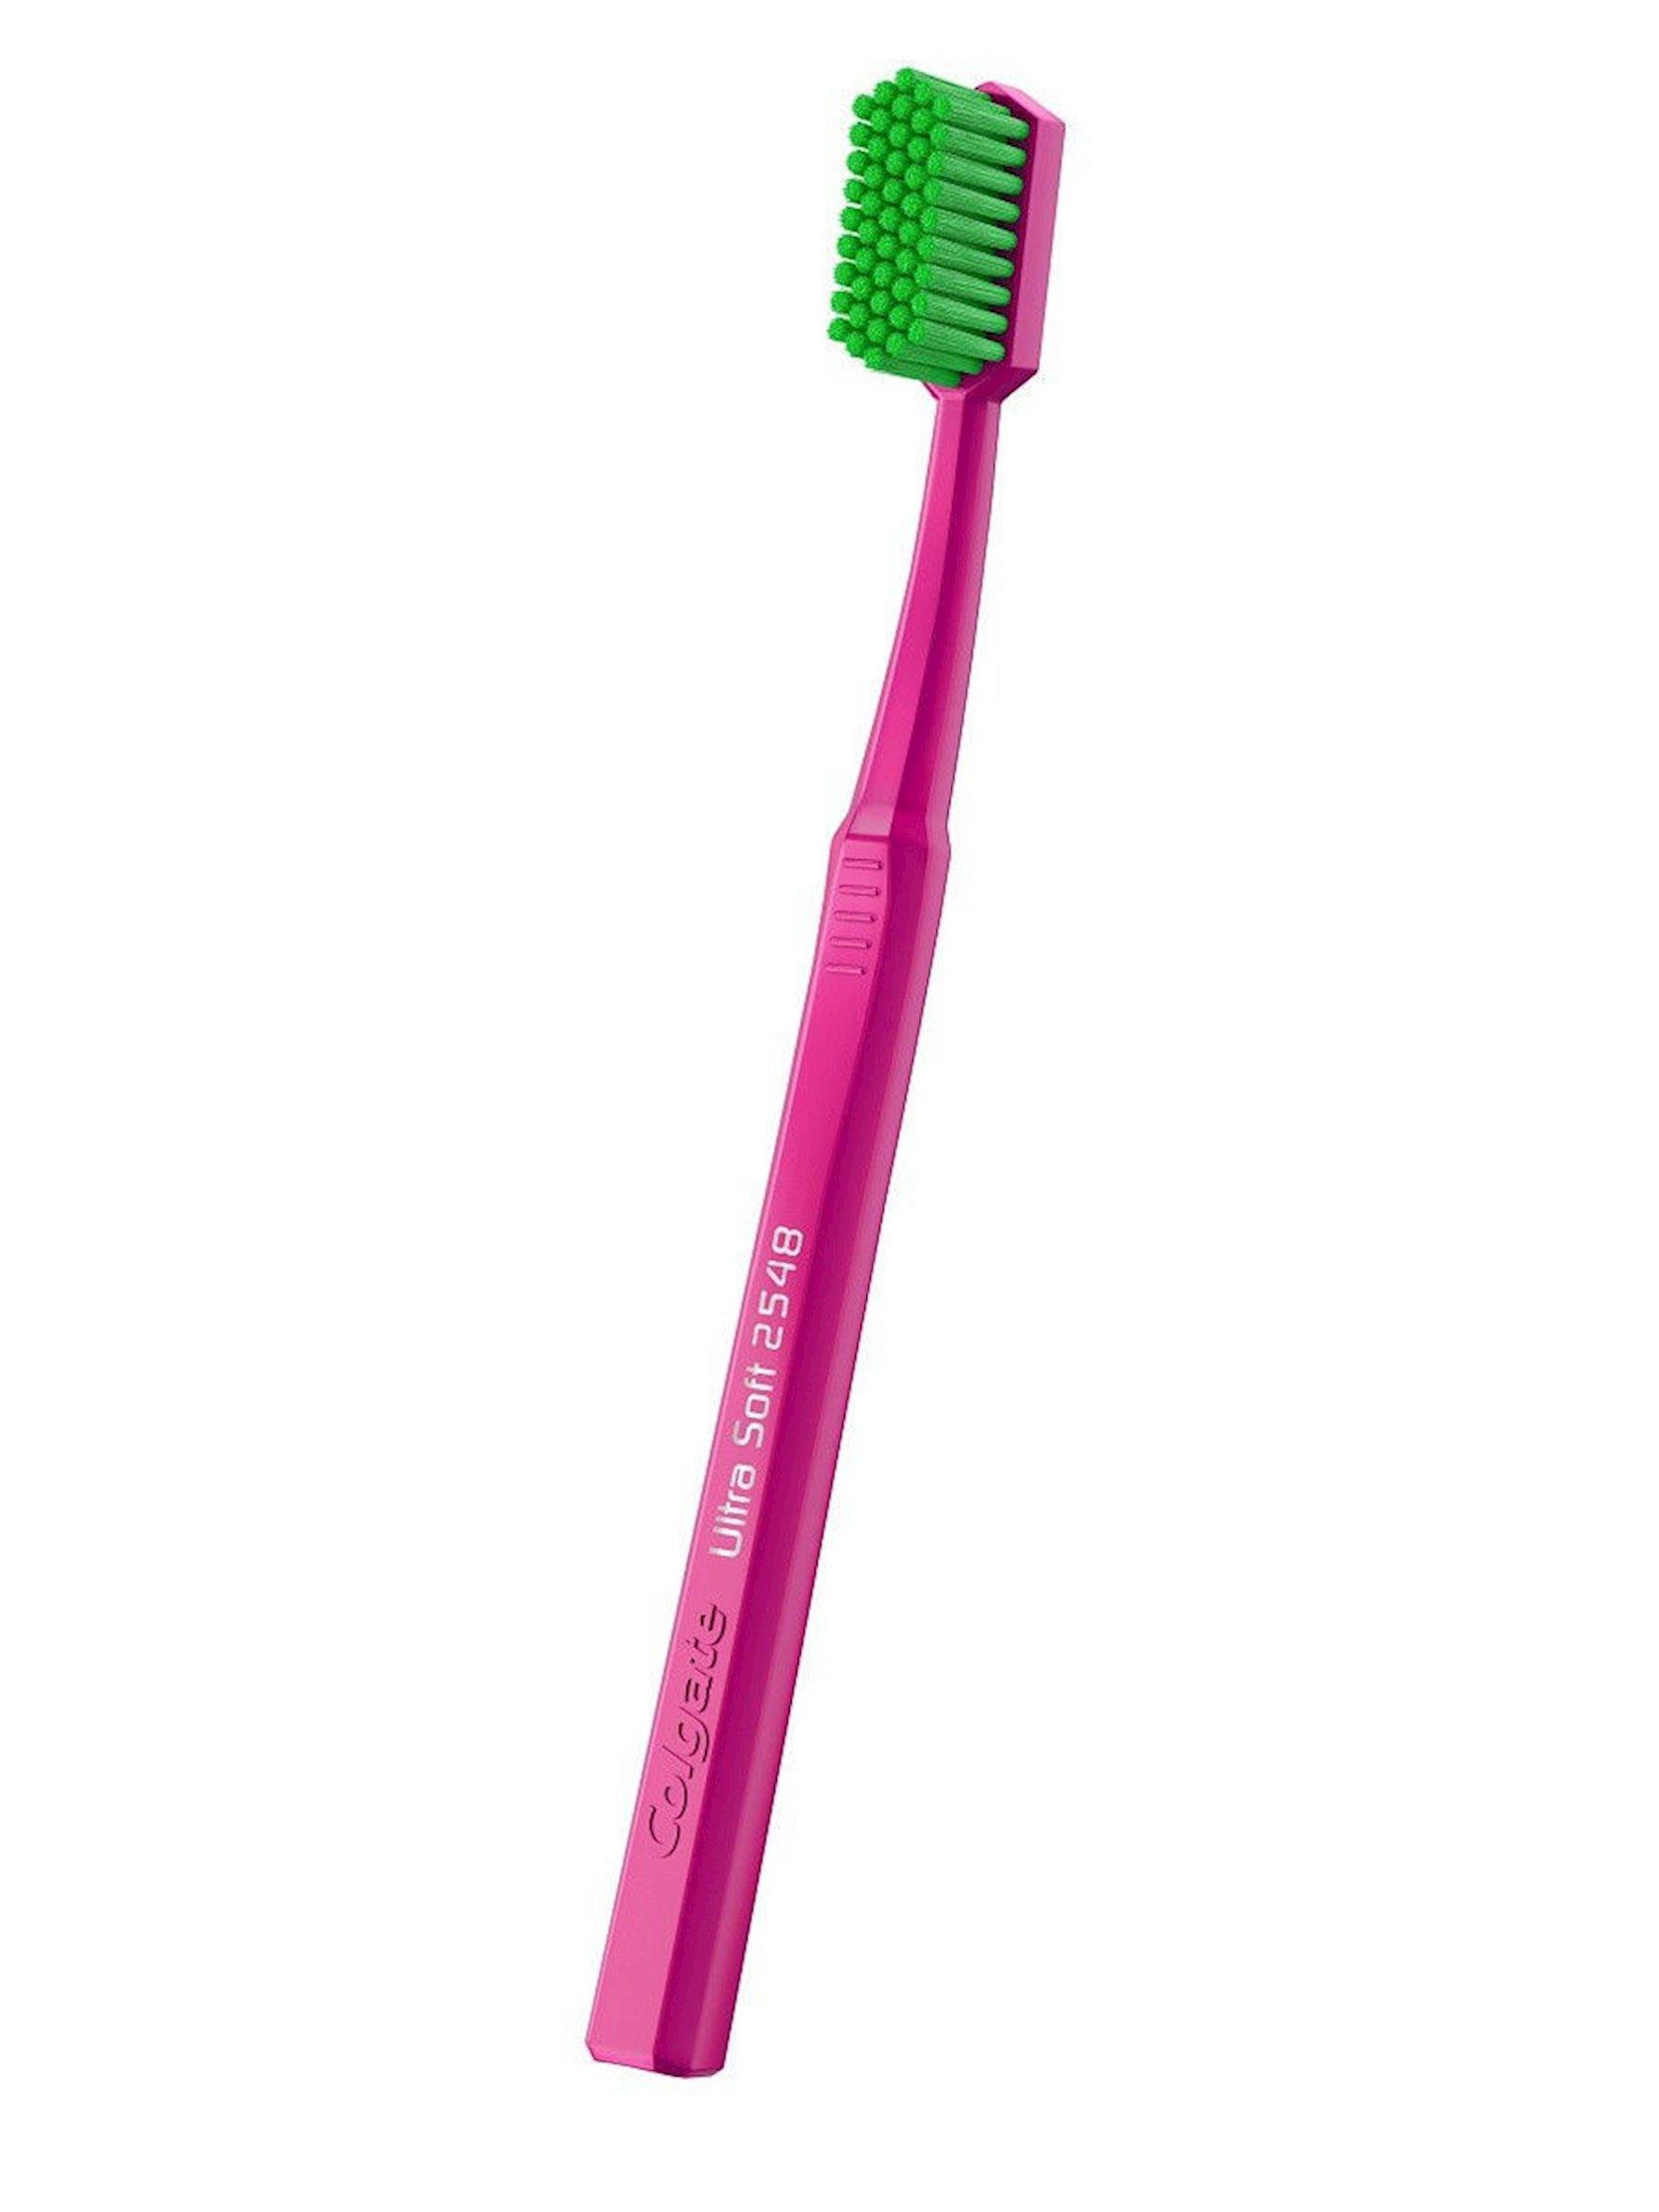 Diş fırçası Colgate Neo orta sərtlik Bənövşəyi